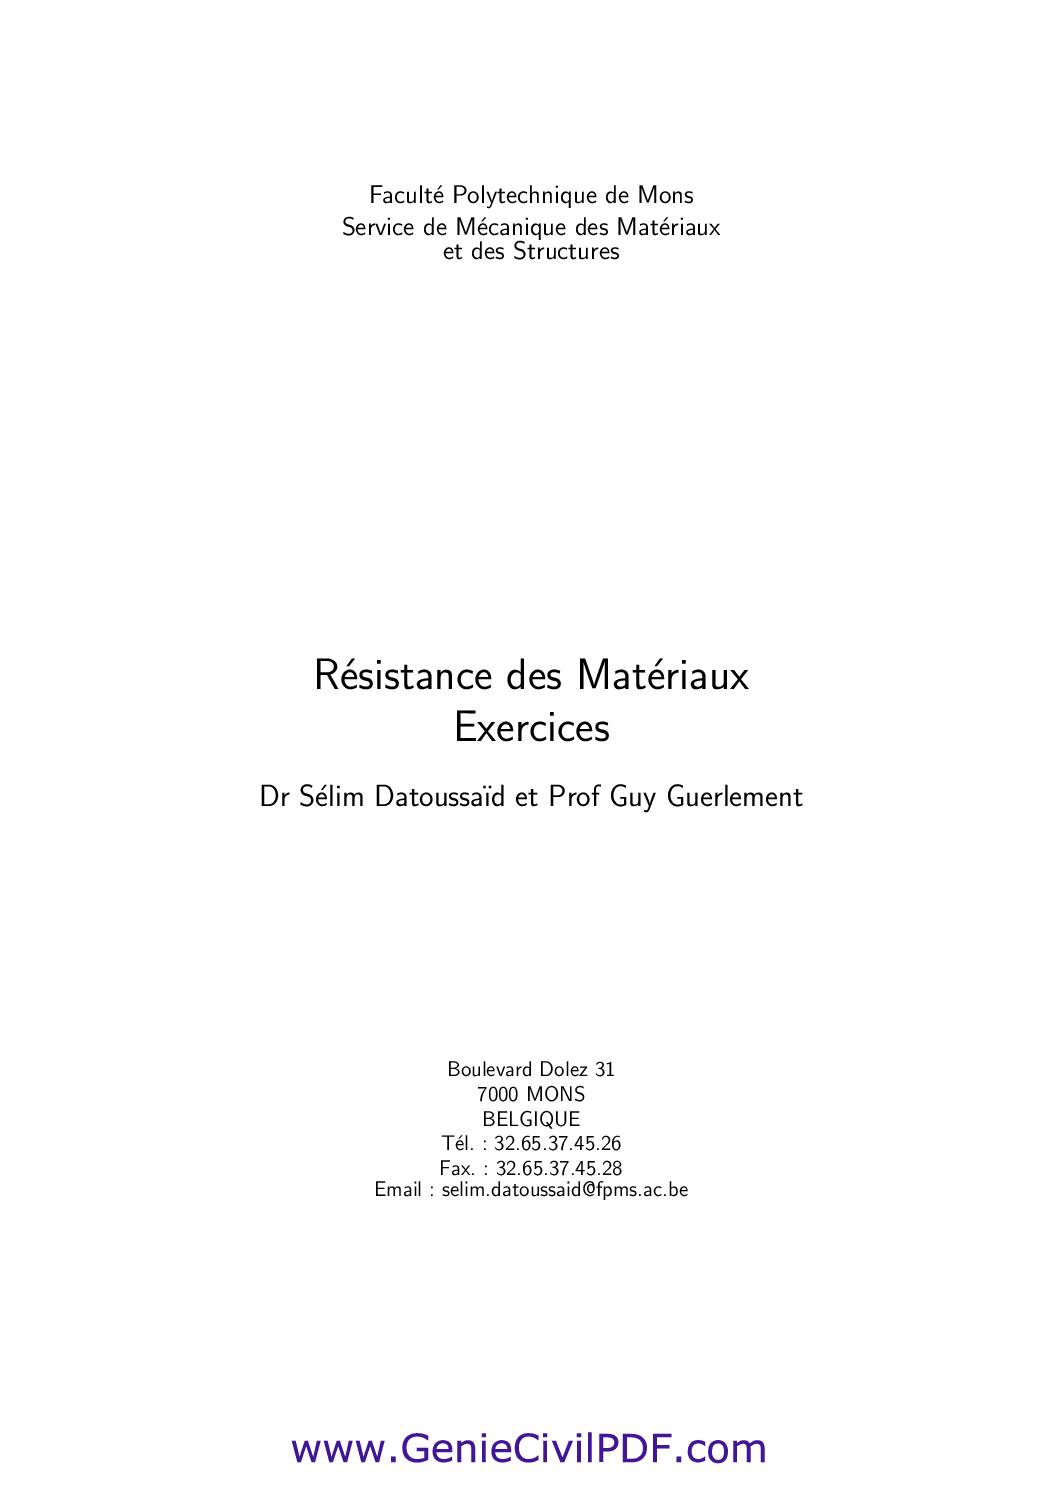 RDM exercices